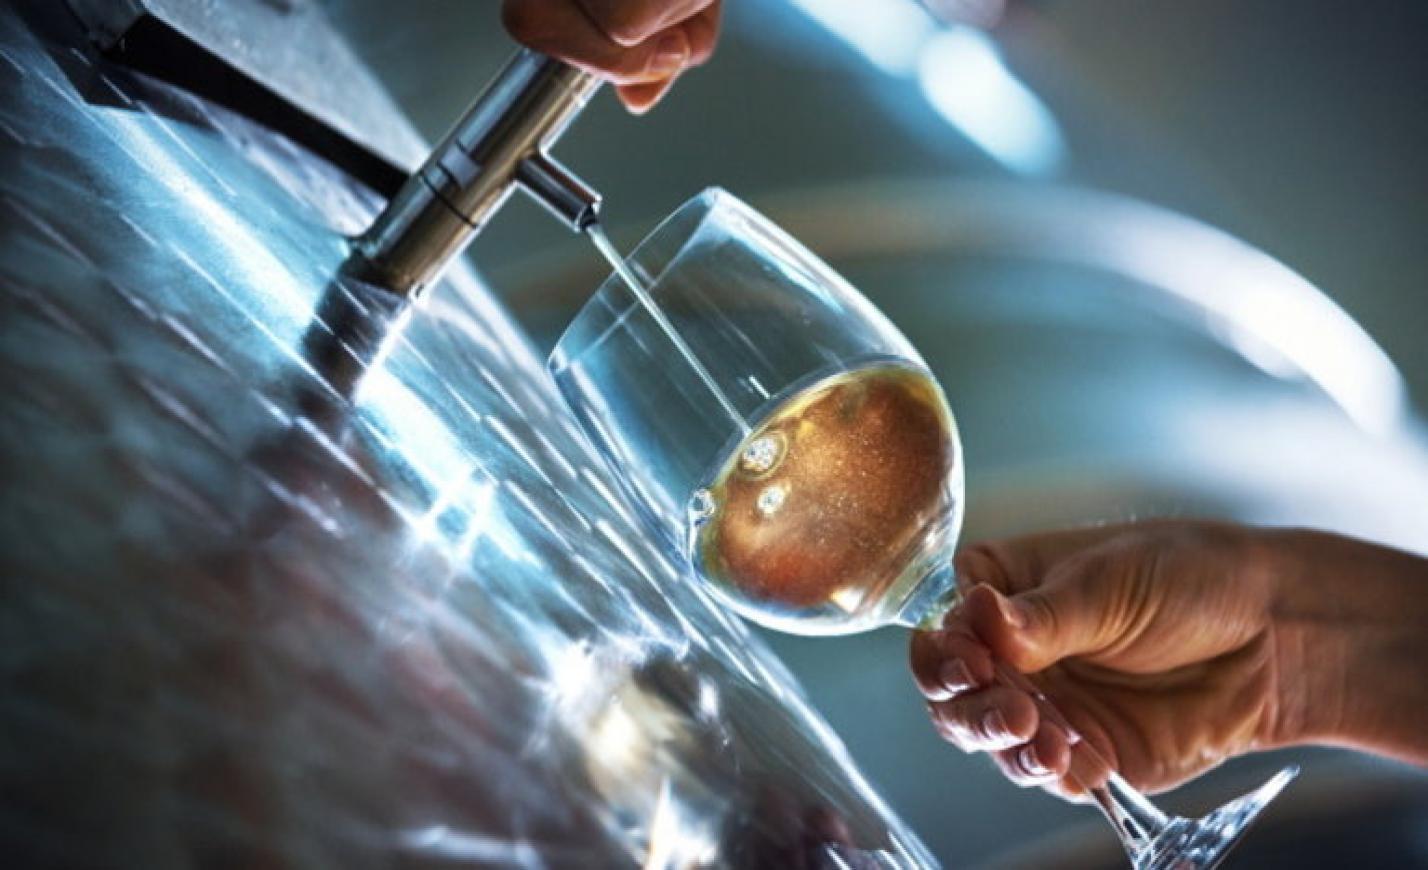 Igazi borkülönlegességgel készülnek augusztus 20-ára a magyar borászok